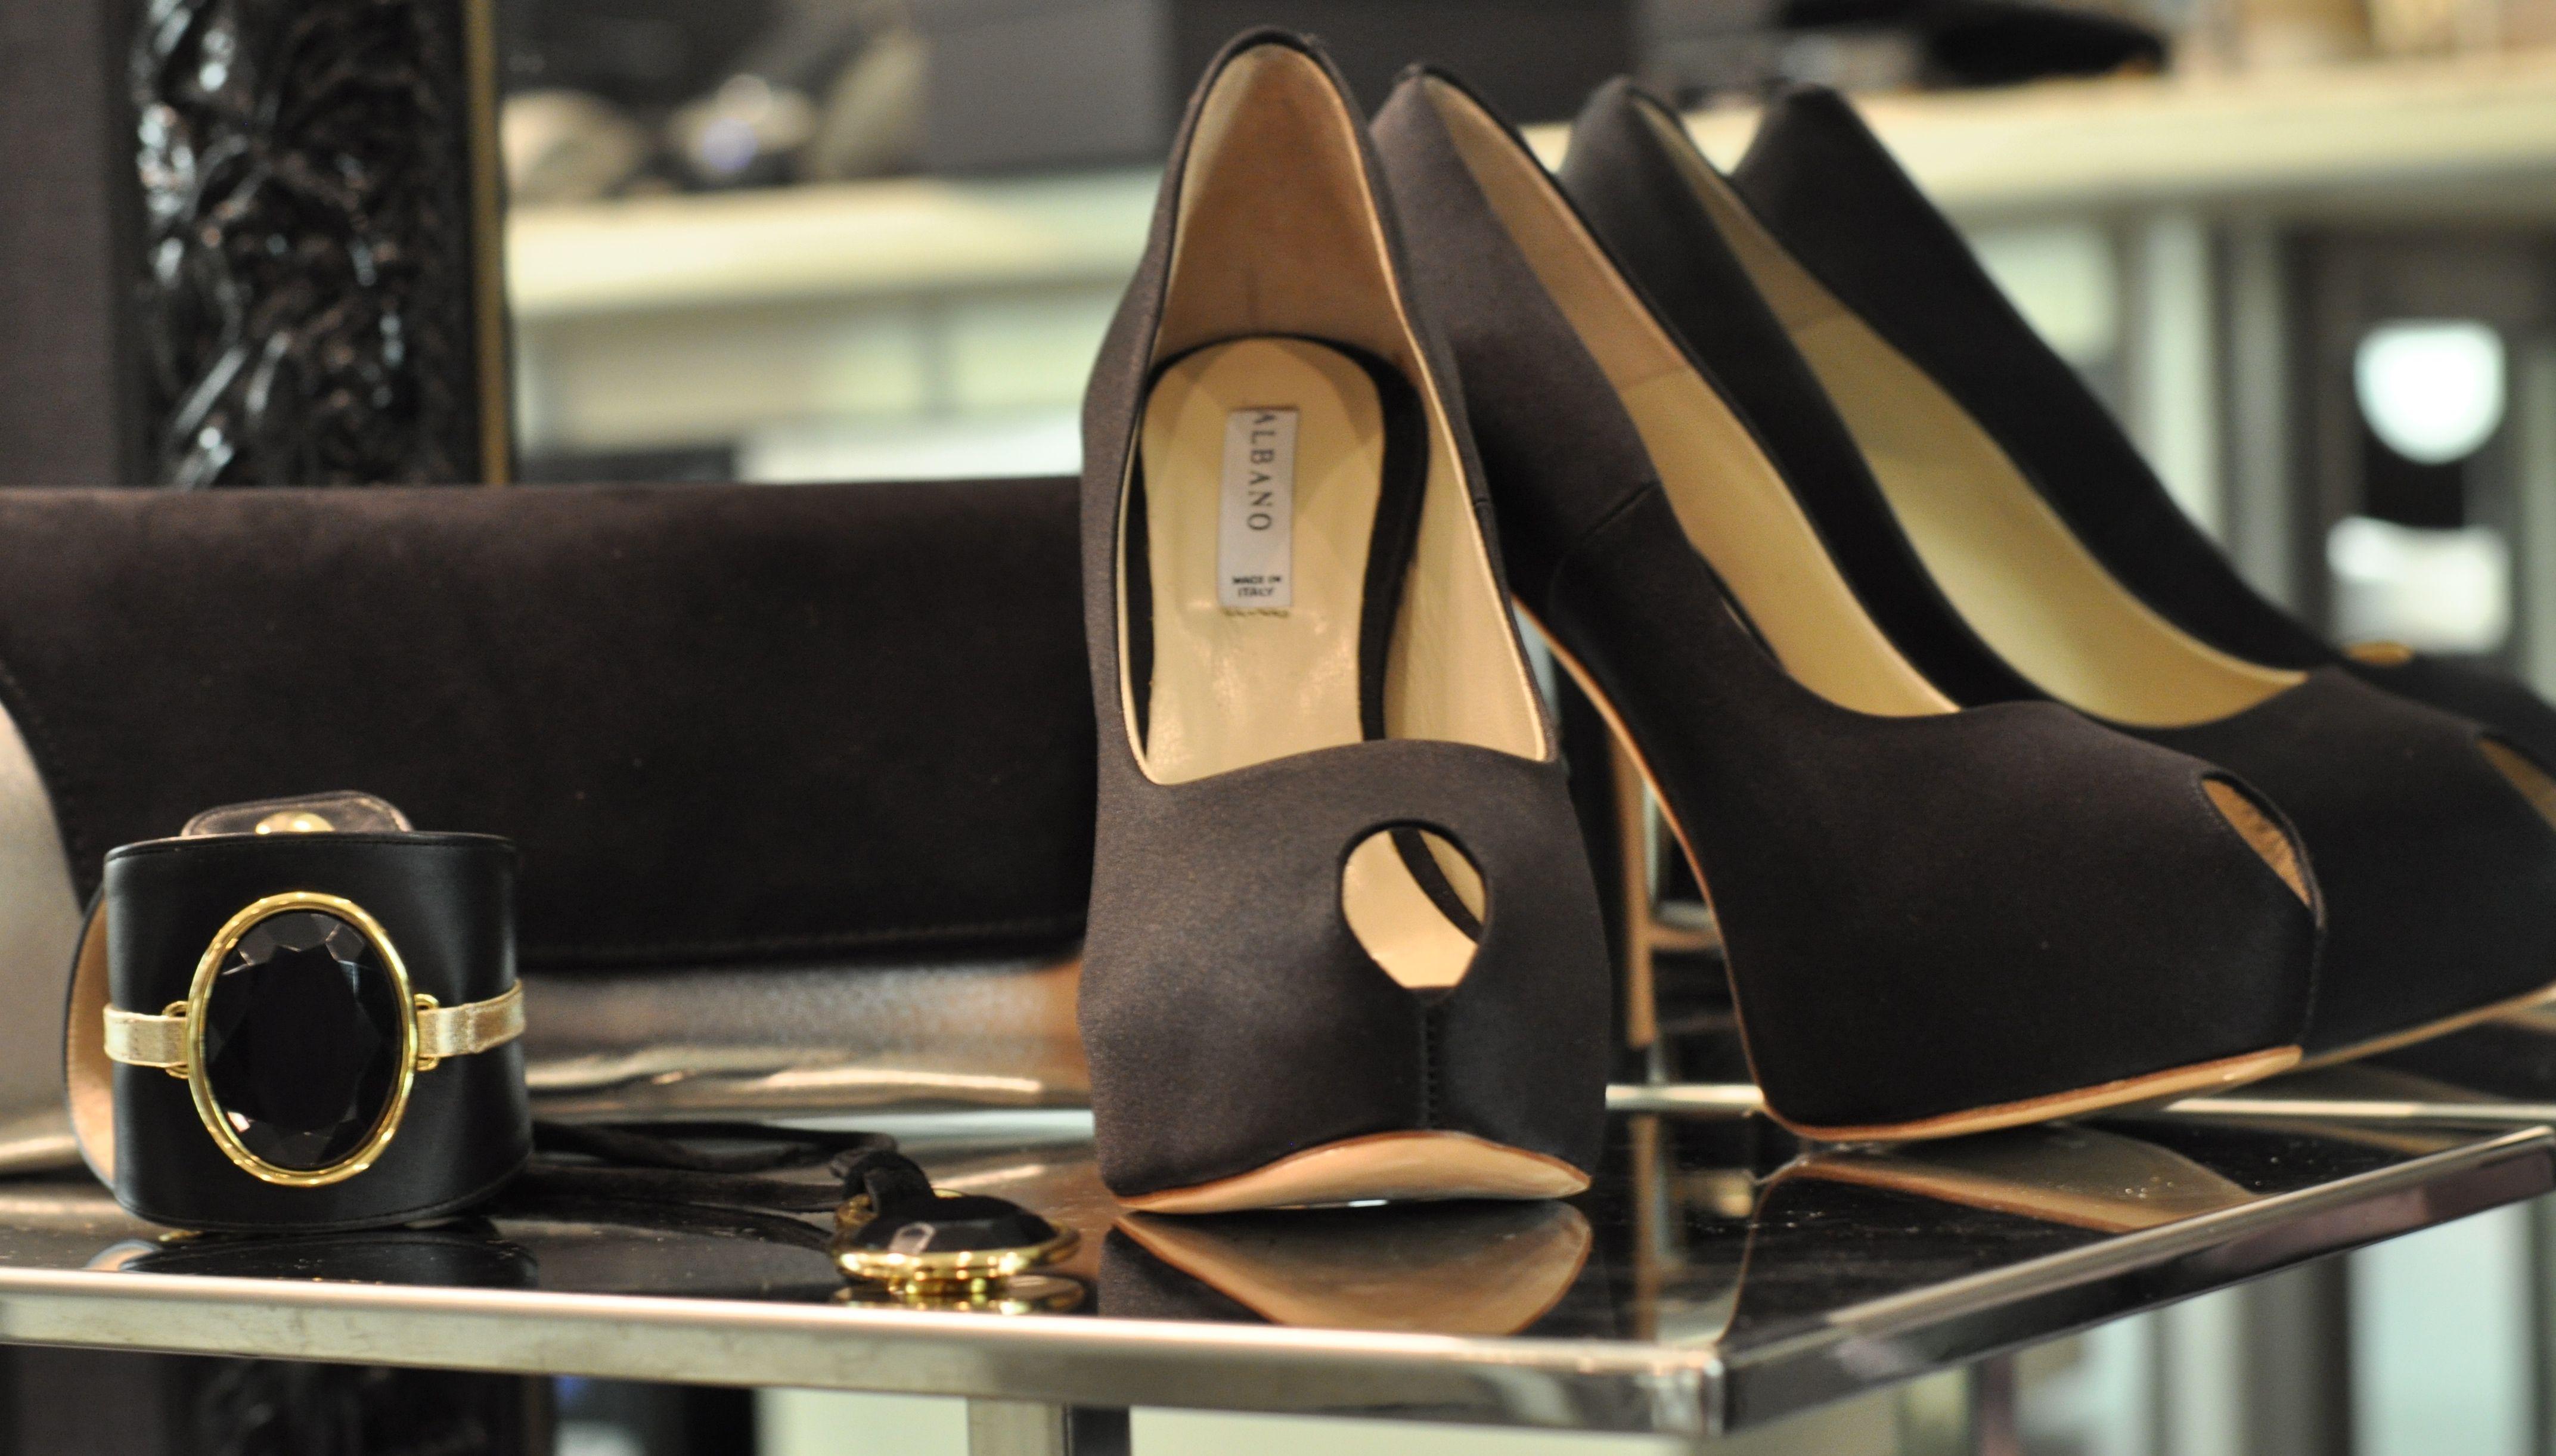 Crea il tuo stile!Scegli Albano indossando décolleté in raso spuntato, abbinando pochette e accessori.